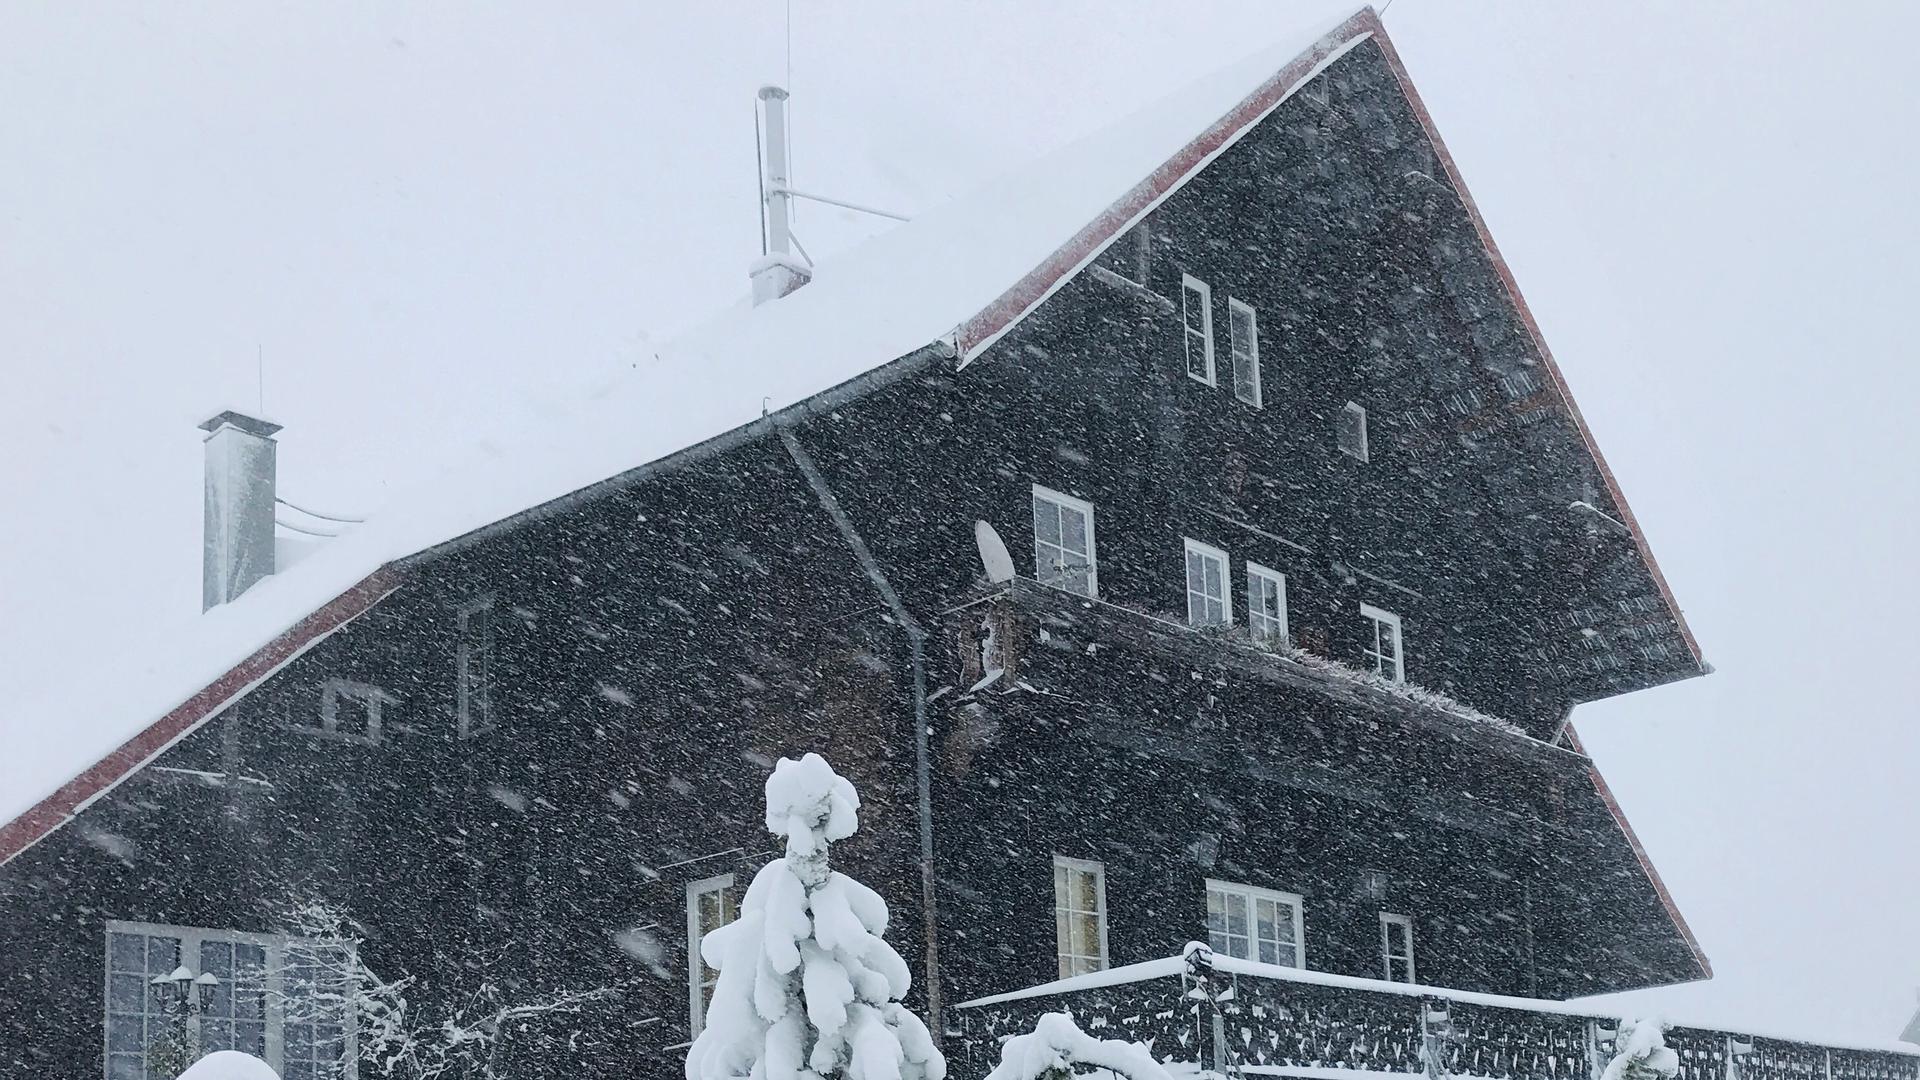 Im Gernsbacher Höhenstadtteil Kaltenbronn hat der Winter am ersten Weihnachtsfeiertag Einzug gehalten.